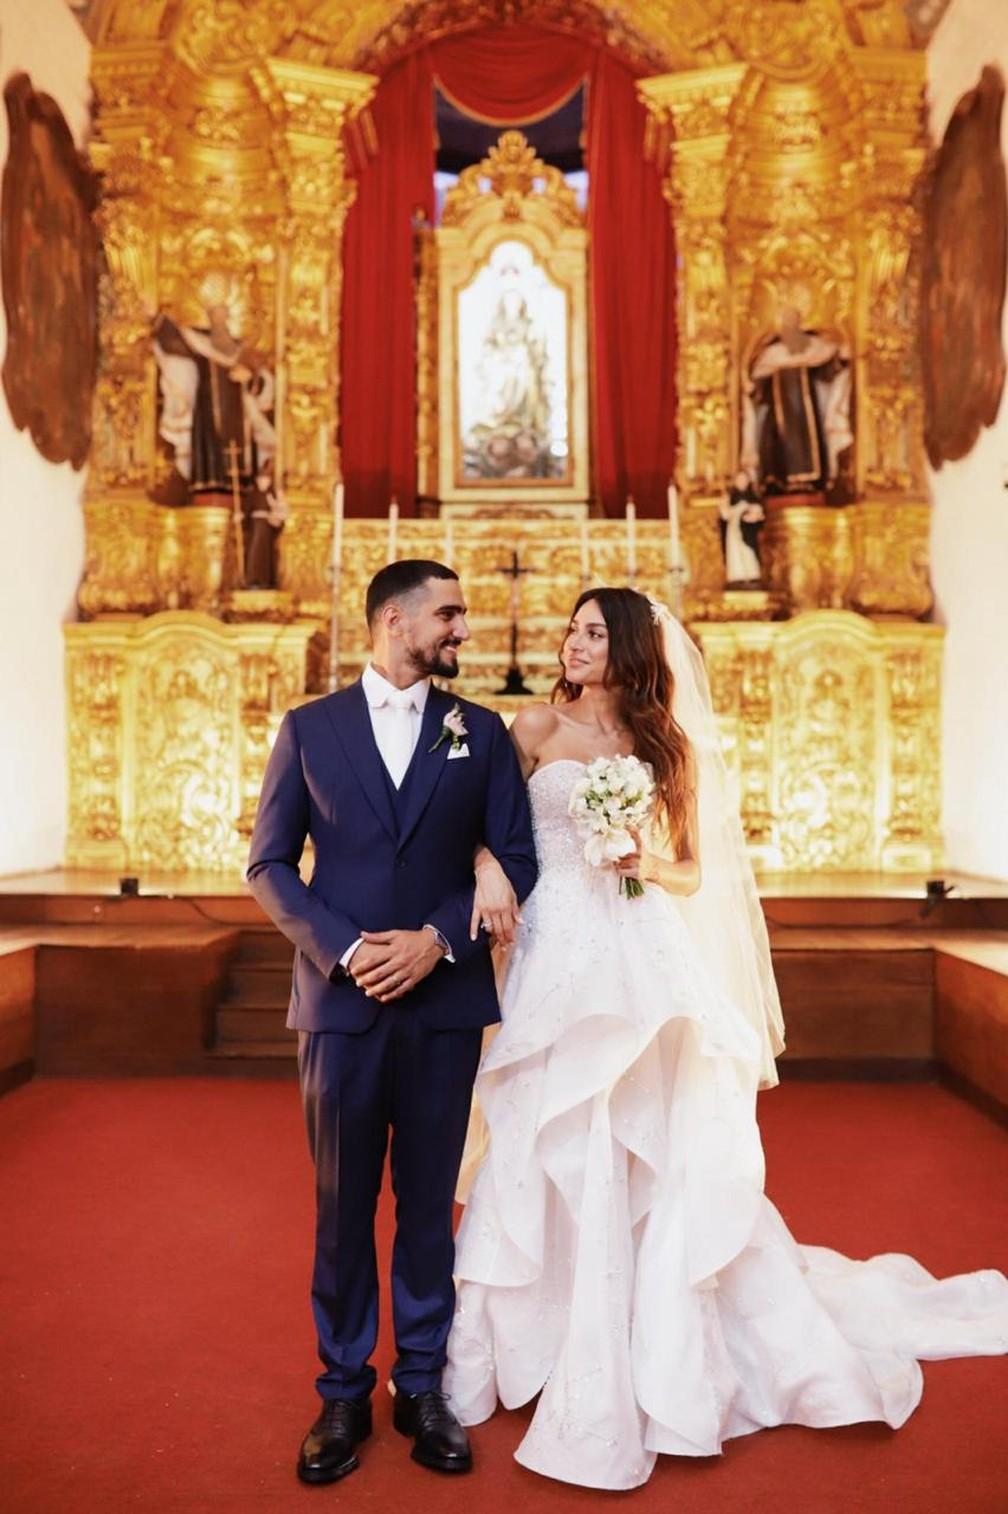 Os noivos Renato Góes e Thaila Ayala esbanjam elegância durante casamento em Recife — Foto: Duo Borgatto/Divulgação